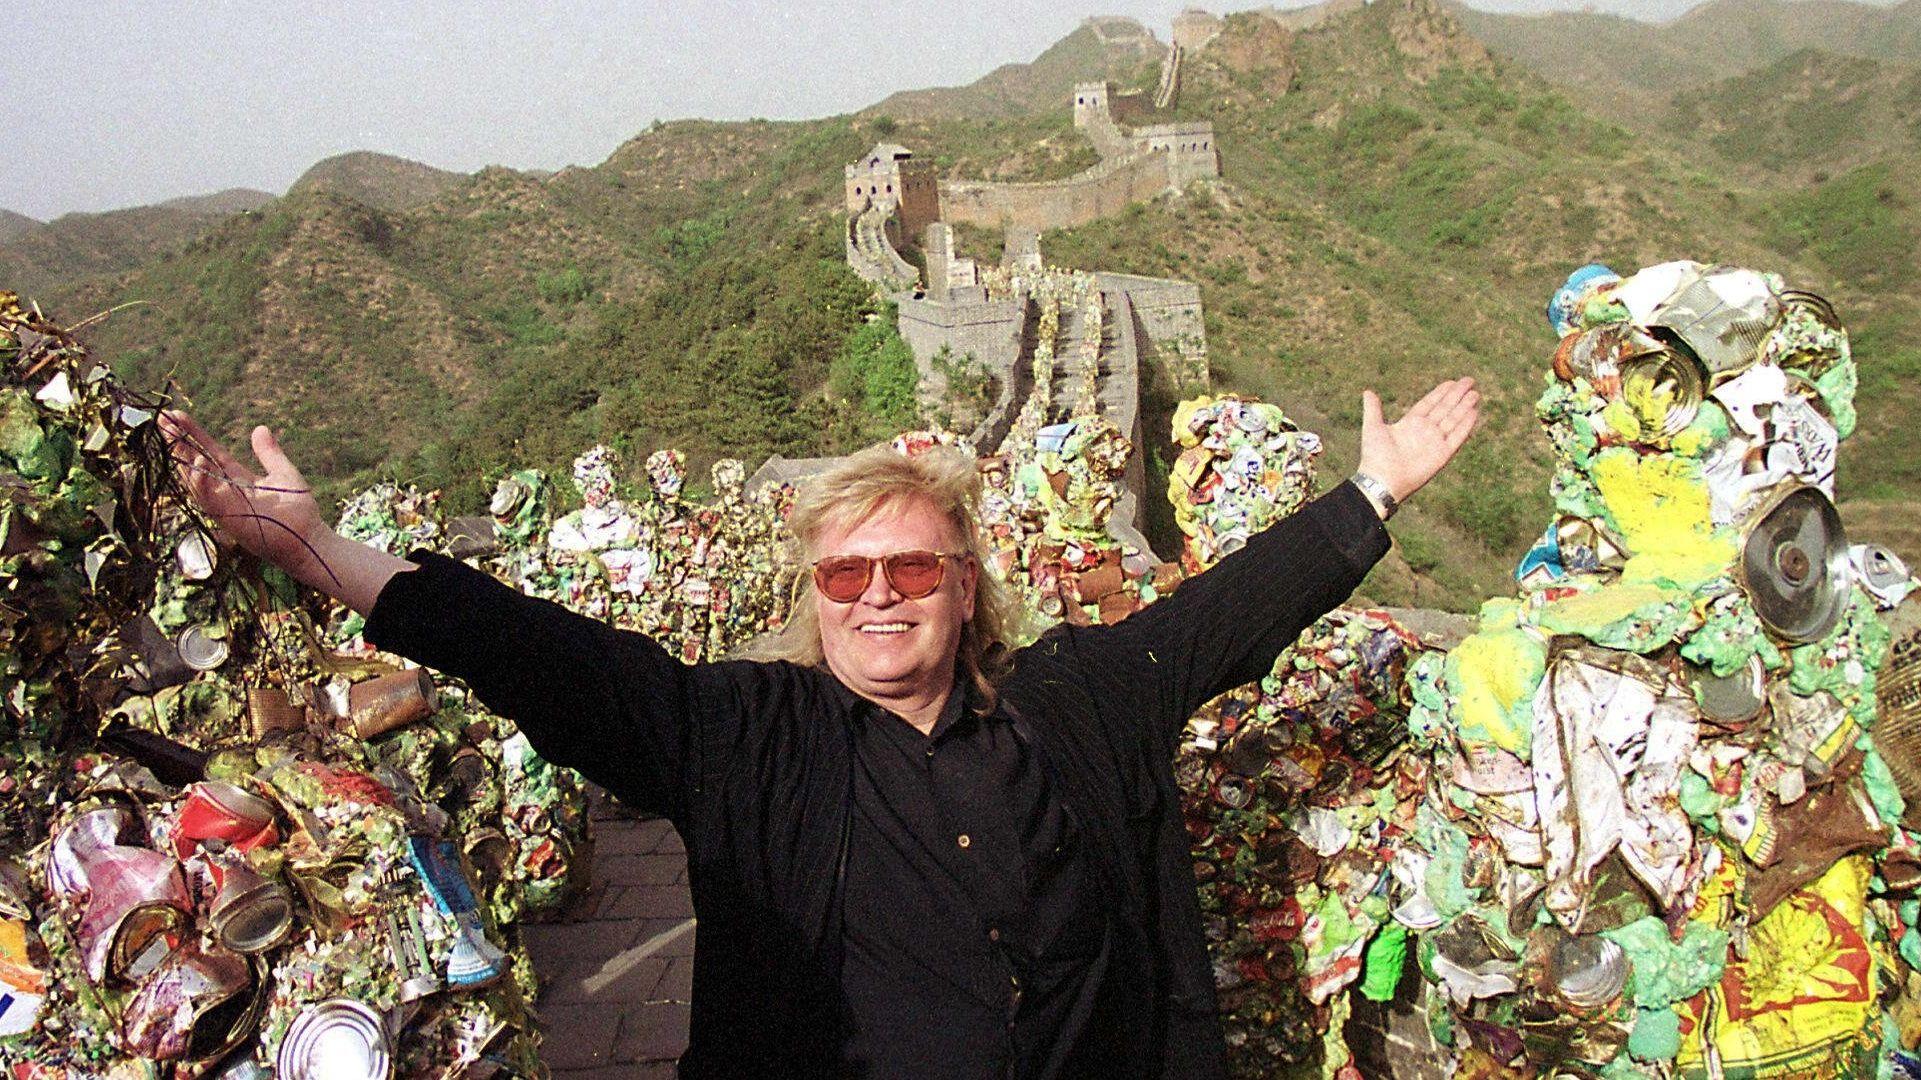 HA Schult mit seinen Müllmännern auf der Chinesischen Mauer